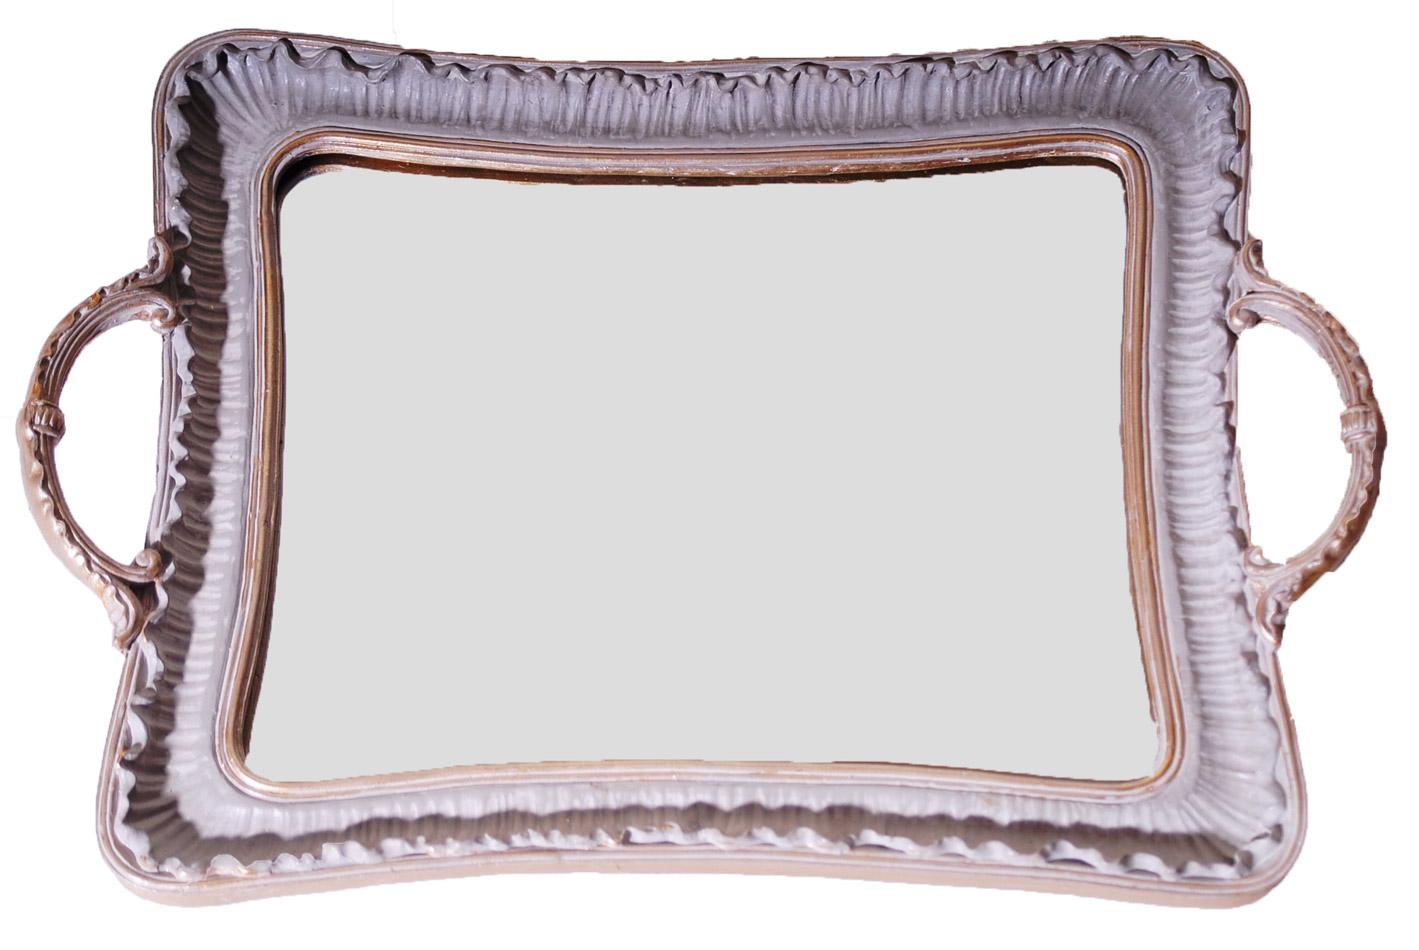 Δίσκος Σερβιρίσματος Με Καθρέπτη Πολυεστερικός Royal Art 32×23εκ. YUA4/228GR (Χρώμα: Λευκό, Υλικό: Πολυεστερικό) – Royal Art Collection – YUA4/228GR